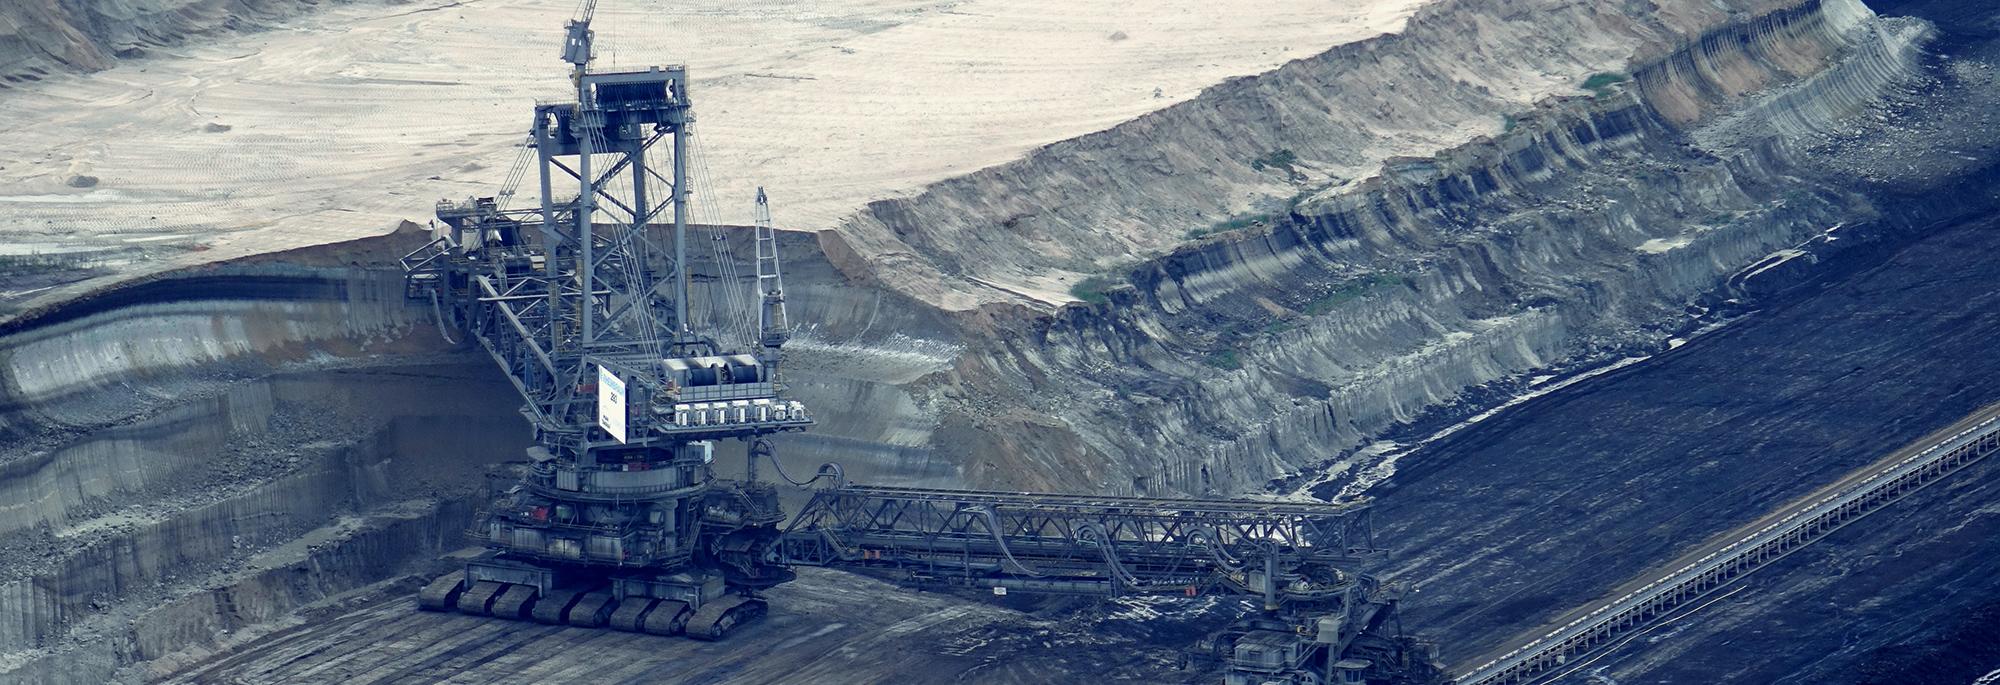 mining-background